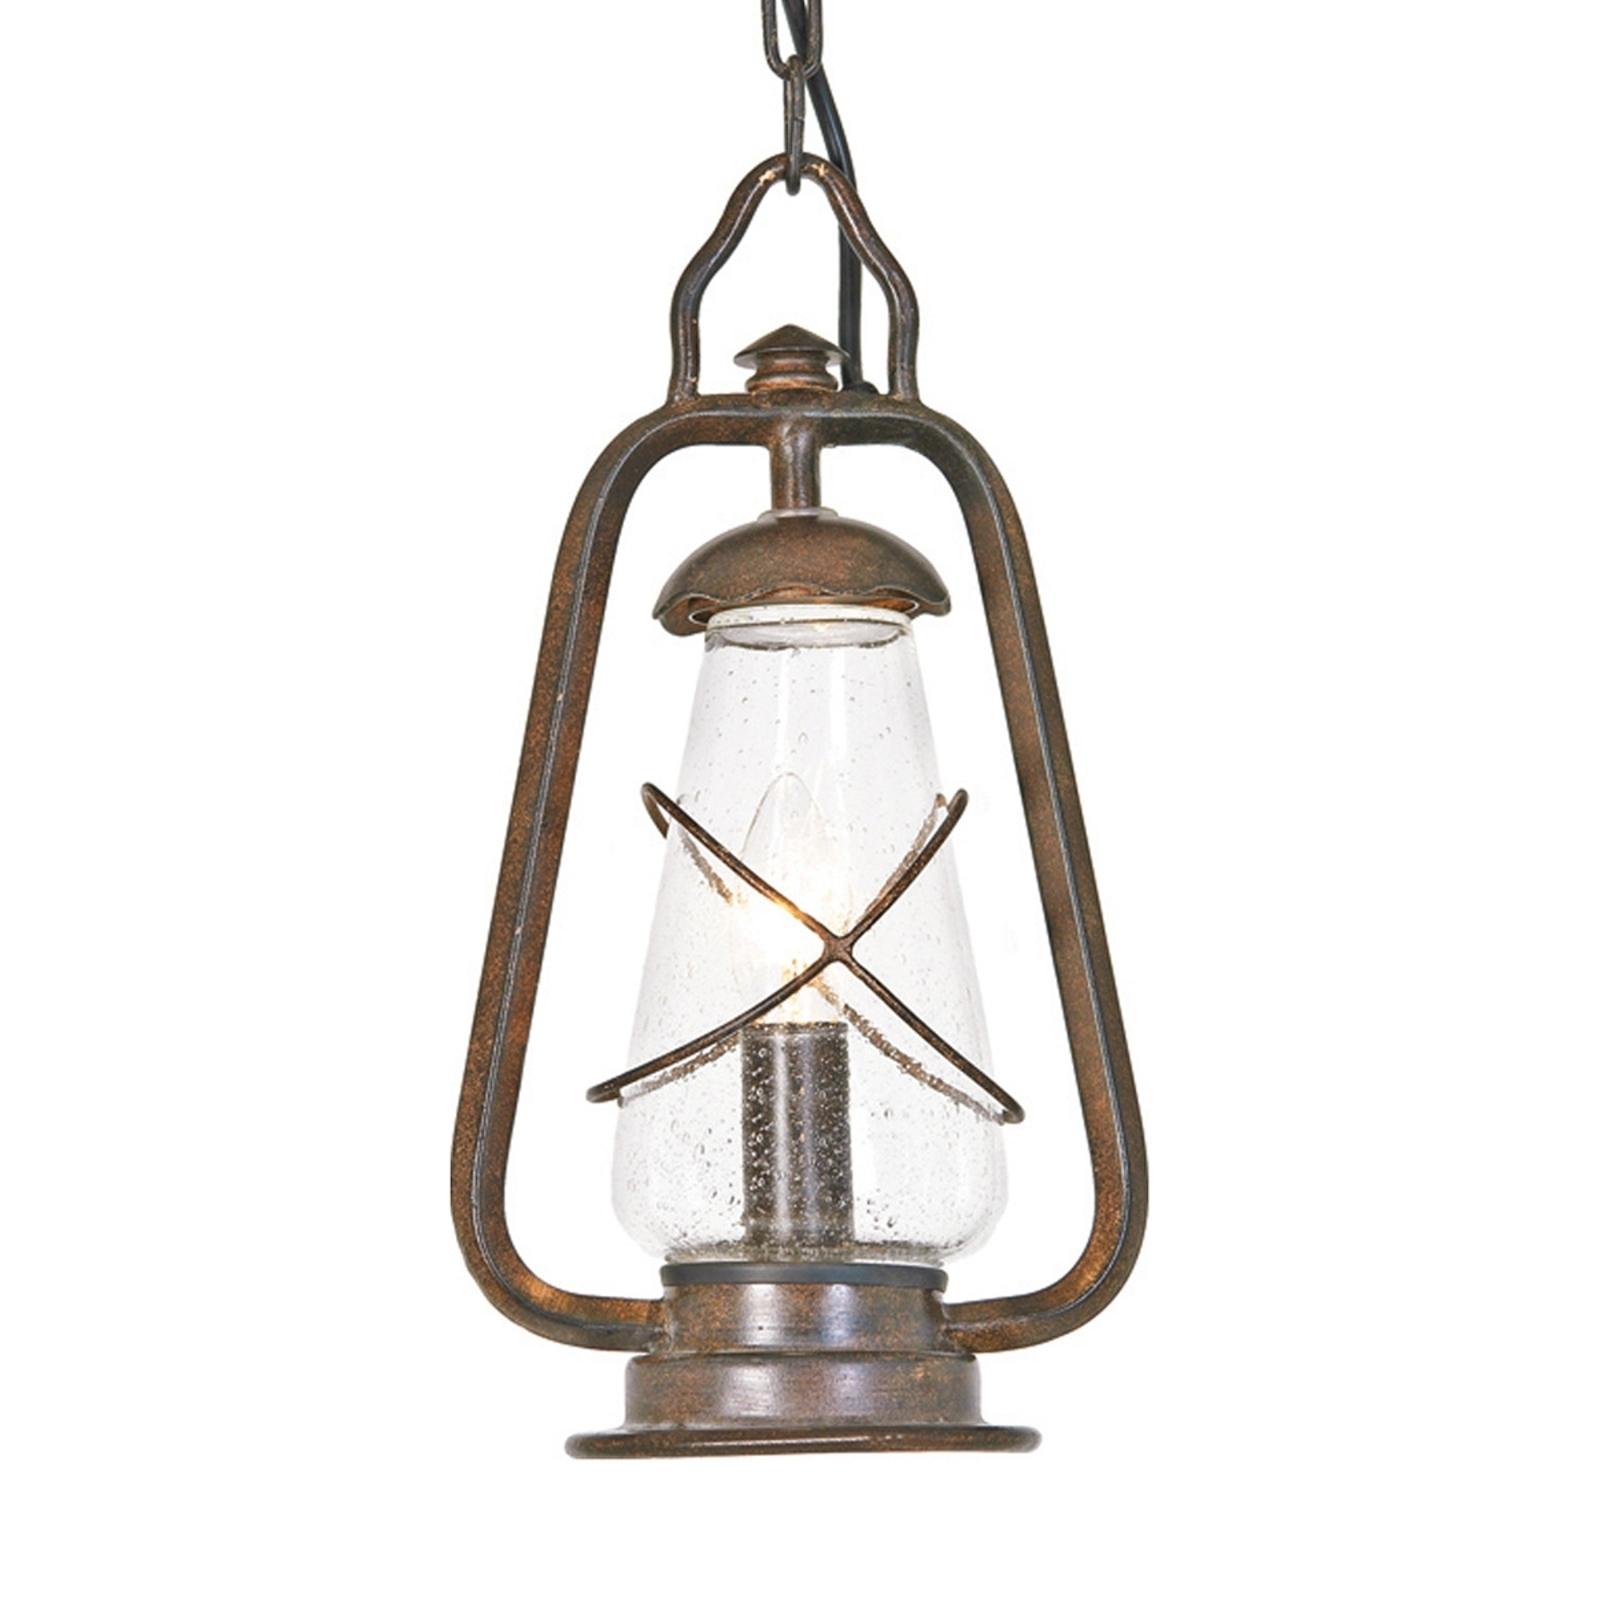 Hanglamp MINERS in de stijl van mijnbouwlampen